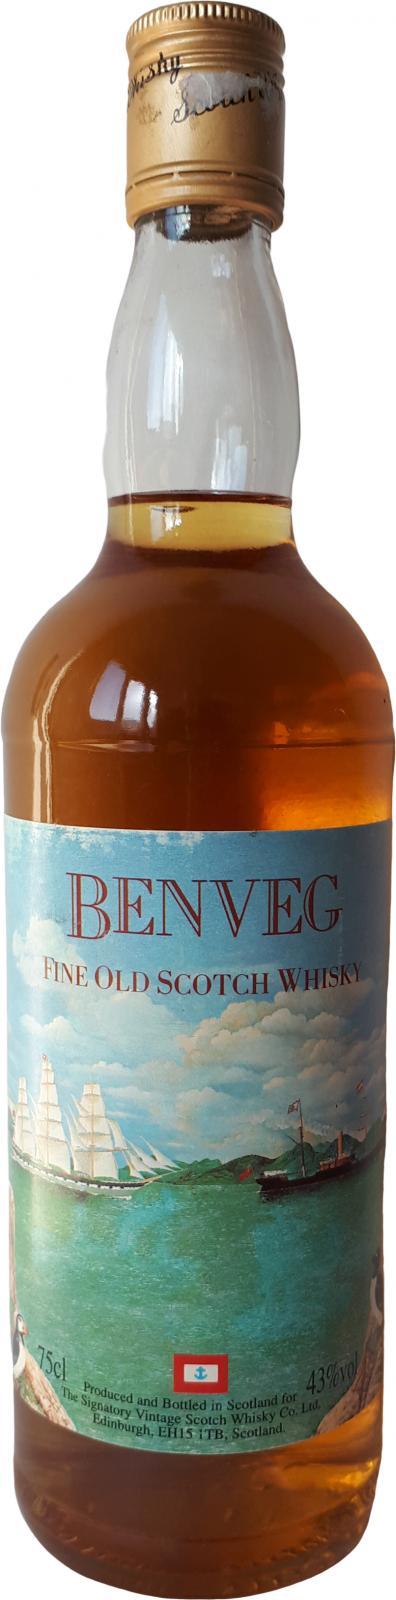 Benveg Fine Old Scotch Whisky